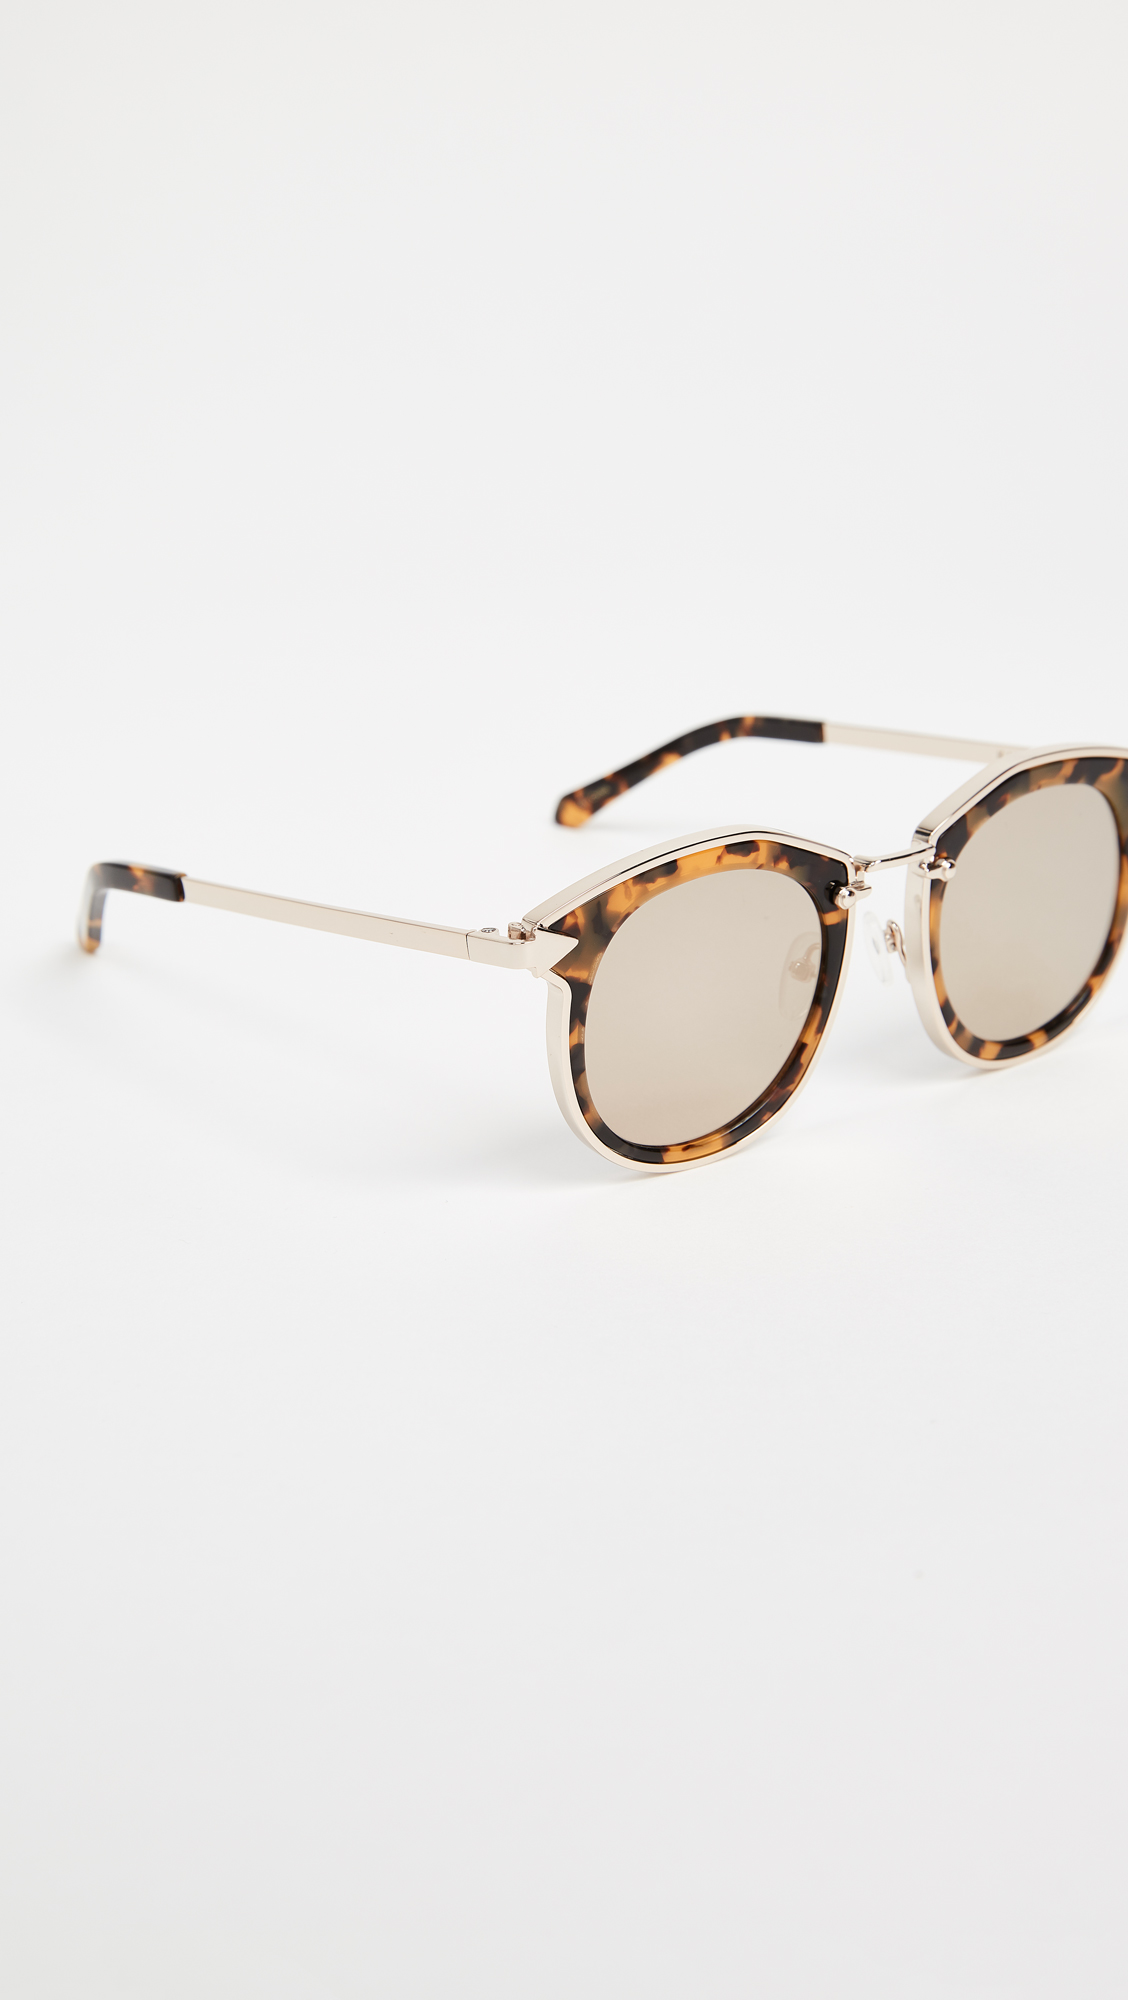 7a2d14bd0e3 Karen Walker Bounty Sunglasses